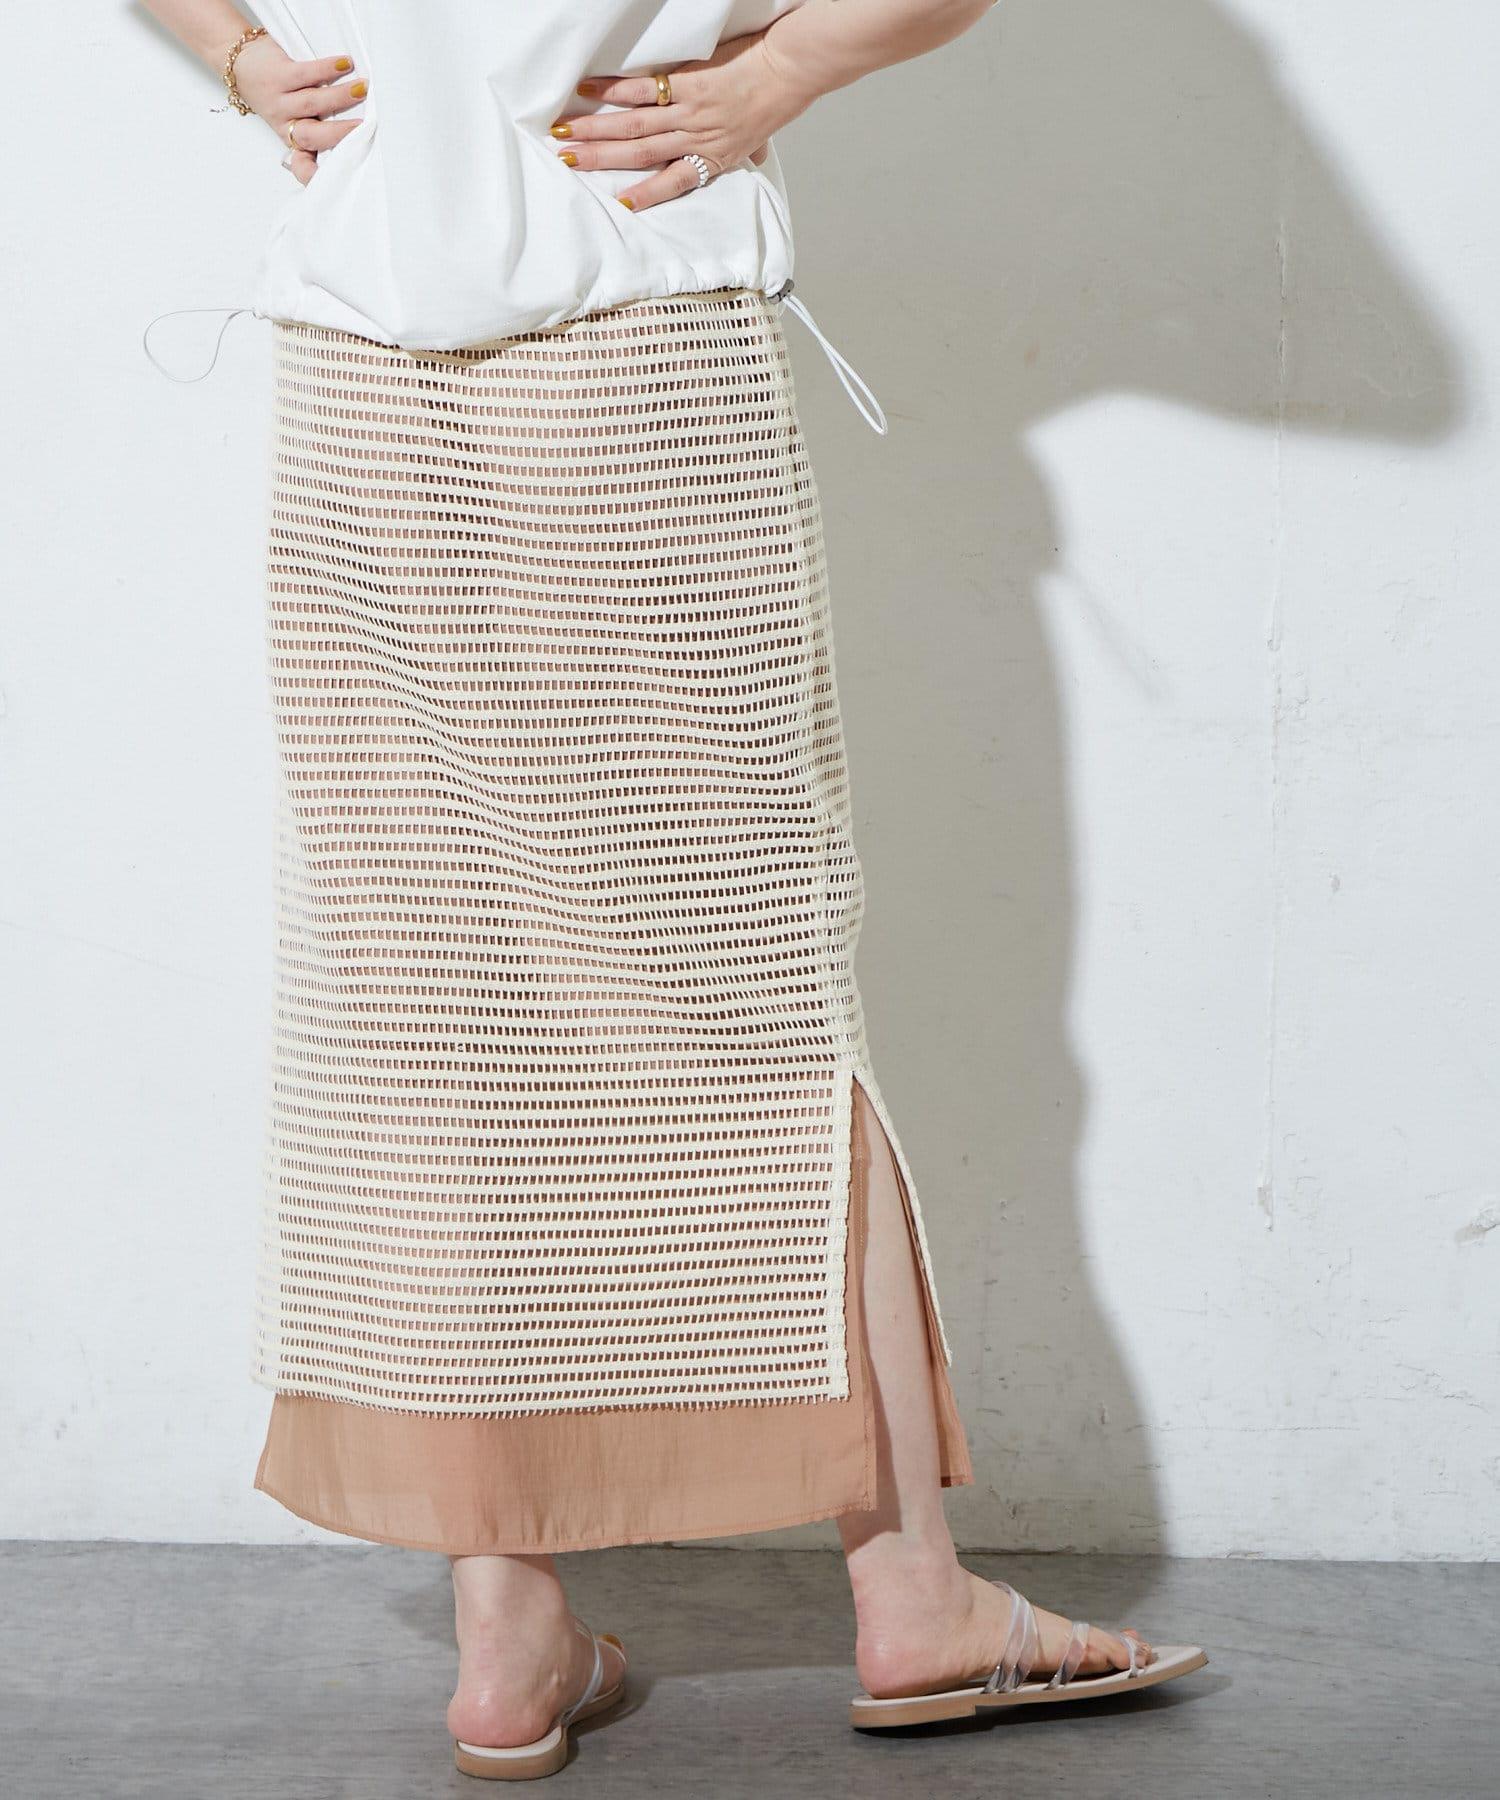 Discoat(ディスコート) レディース メッシュレイヤードナロースカート ブラウン